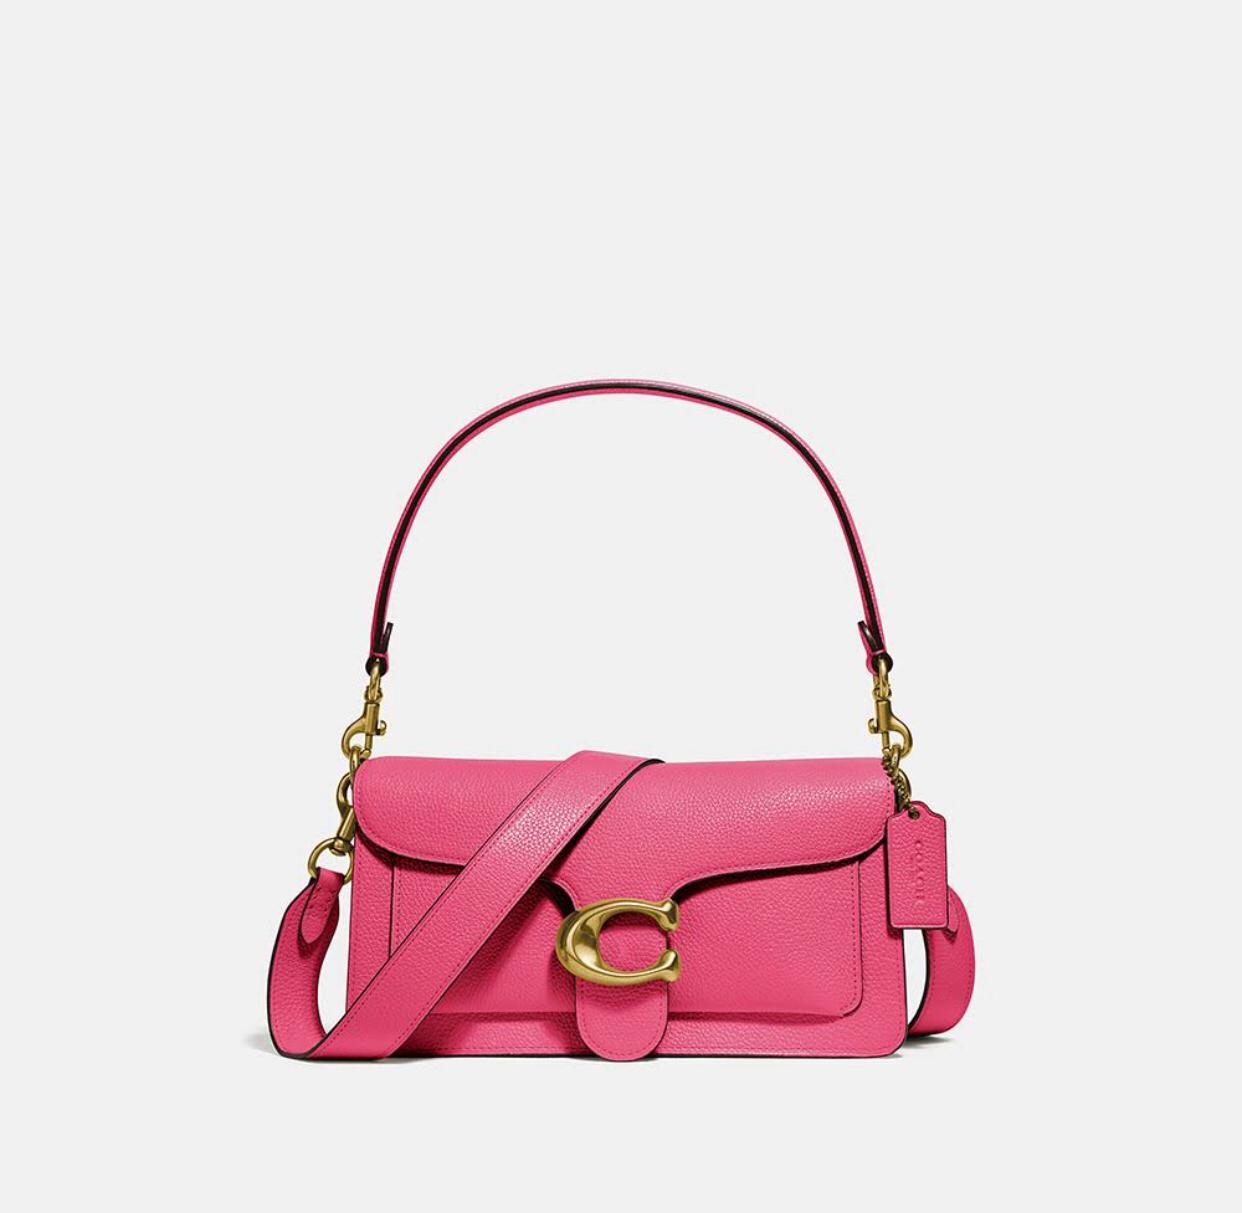 Bolsa Tabby 26 Coach Pink